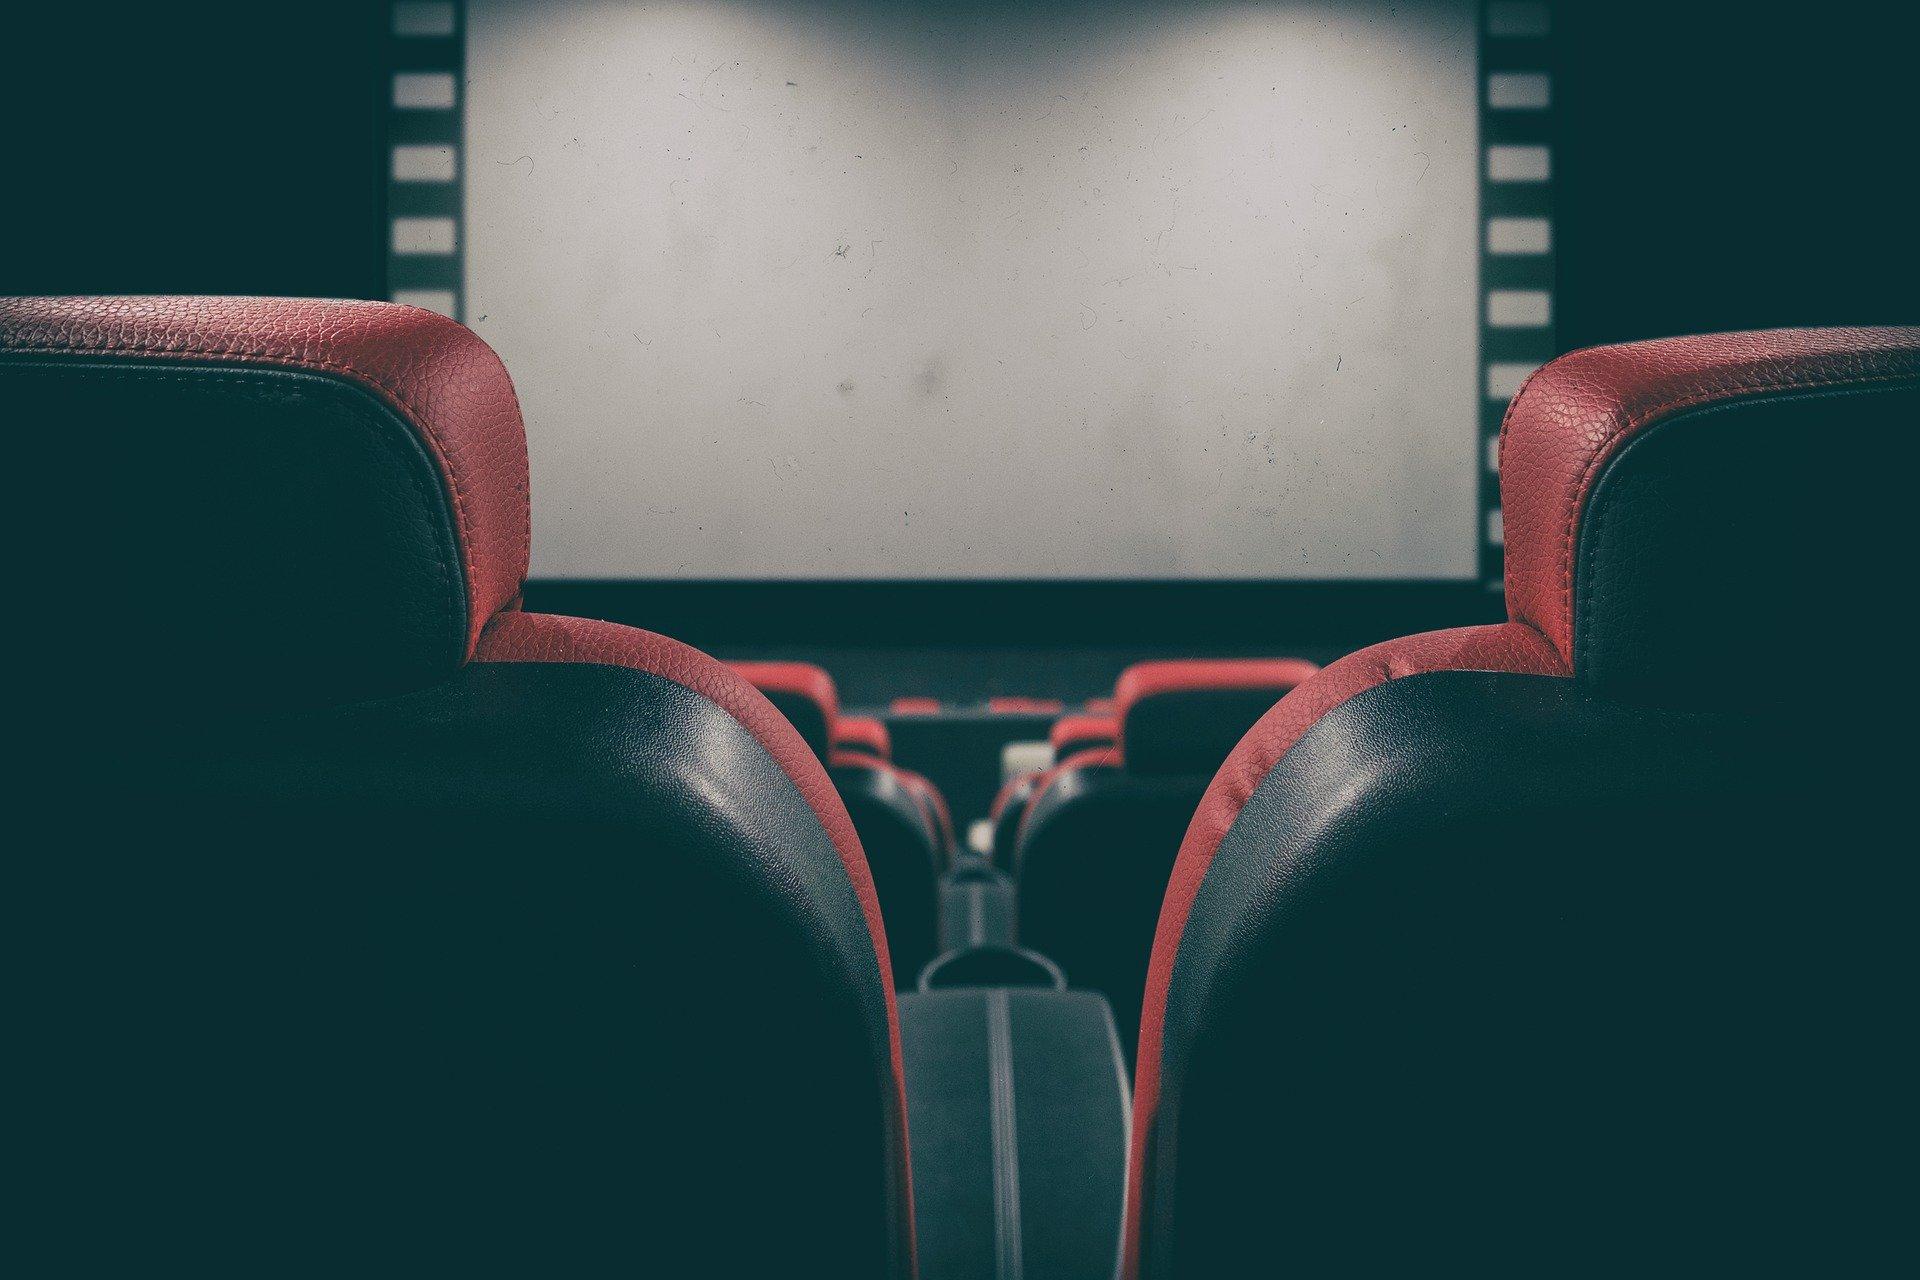 Более 5 млн рублей выделил Фонд кино на поддержку кинозалов Ярославской области